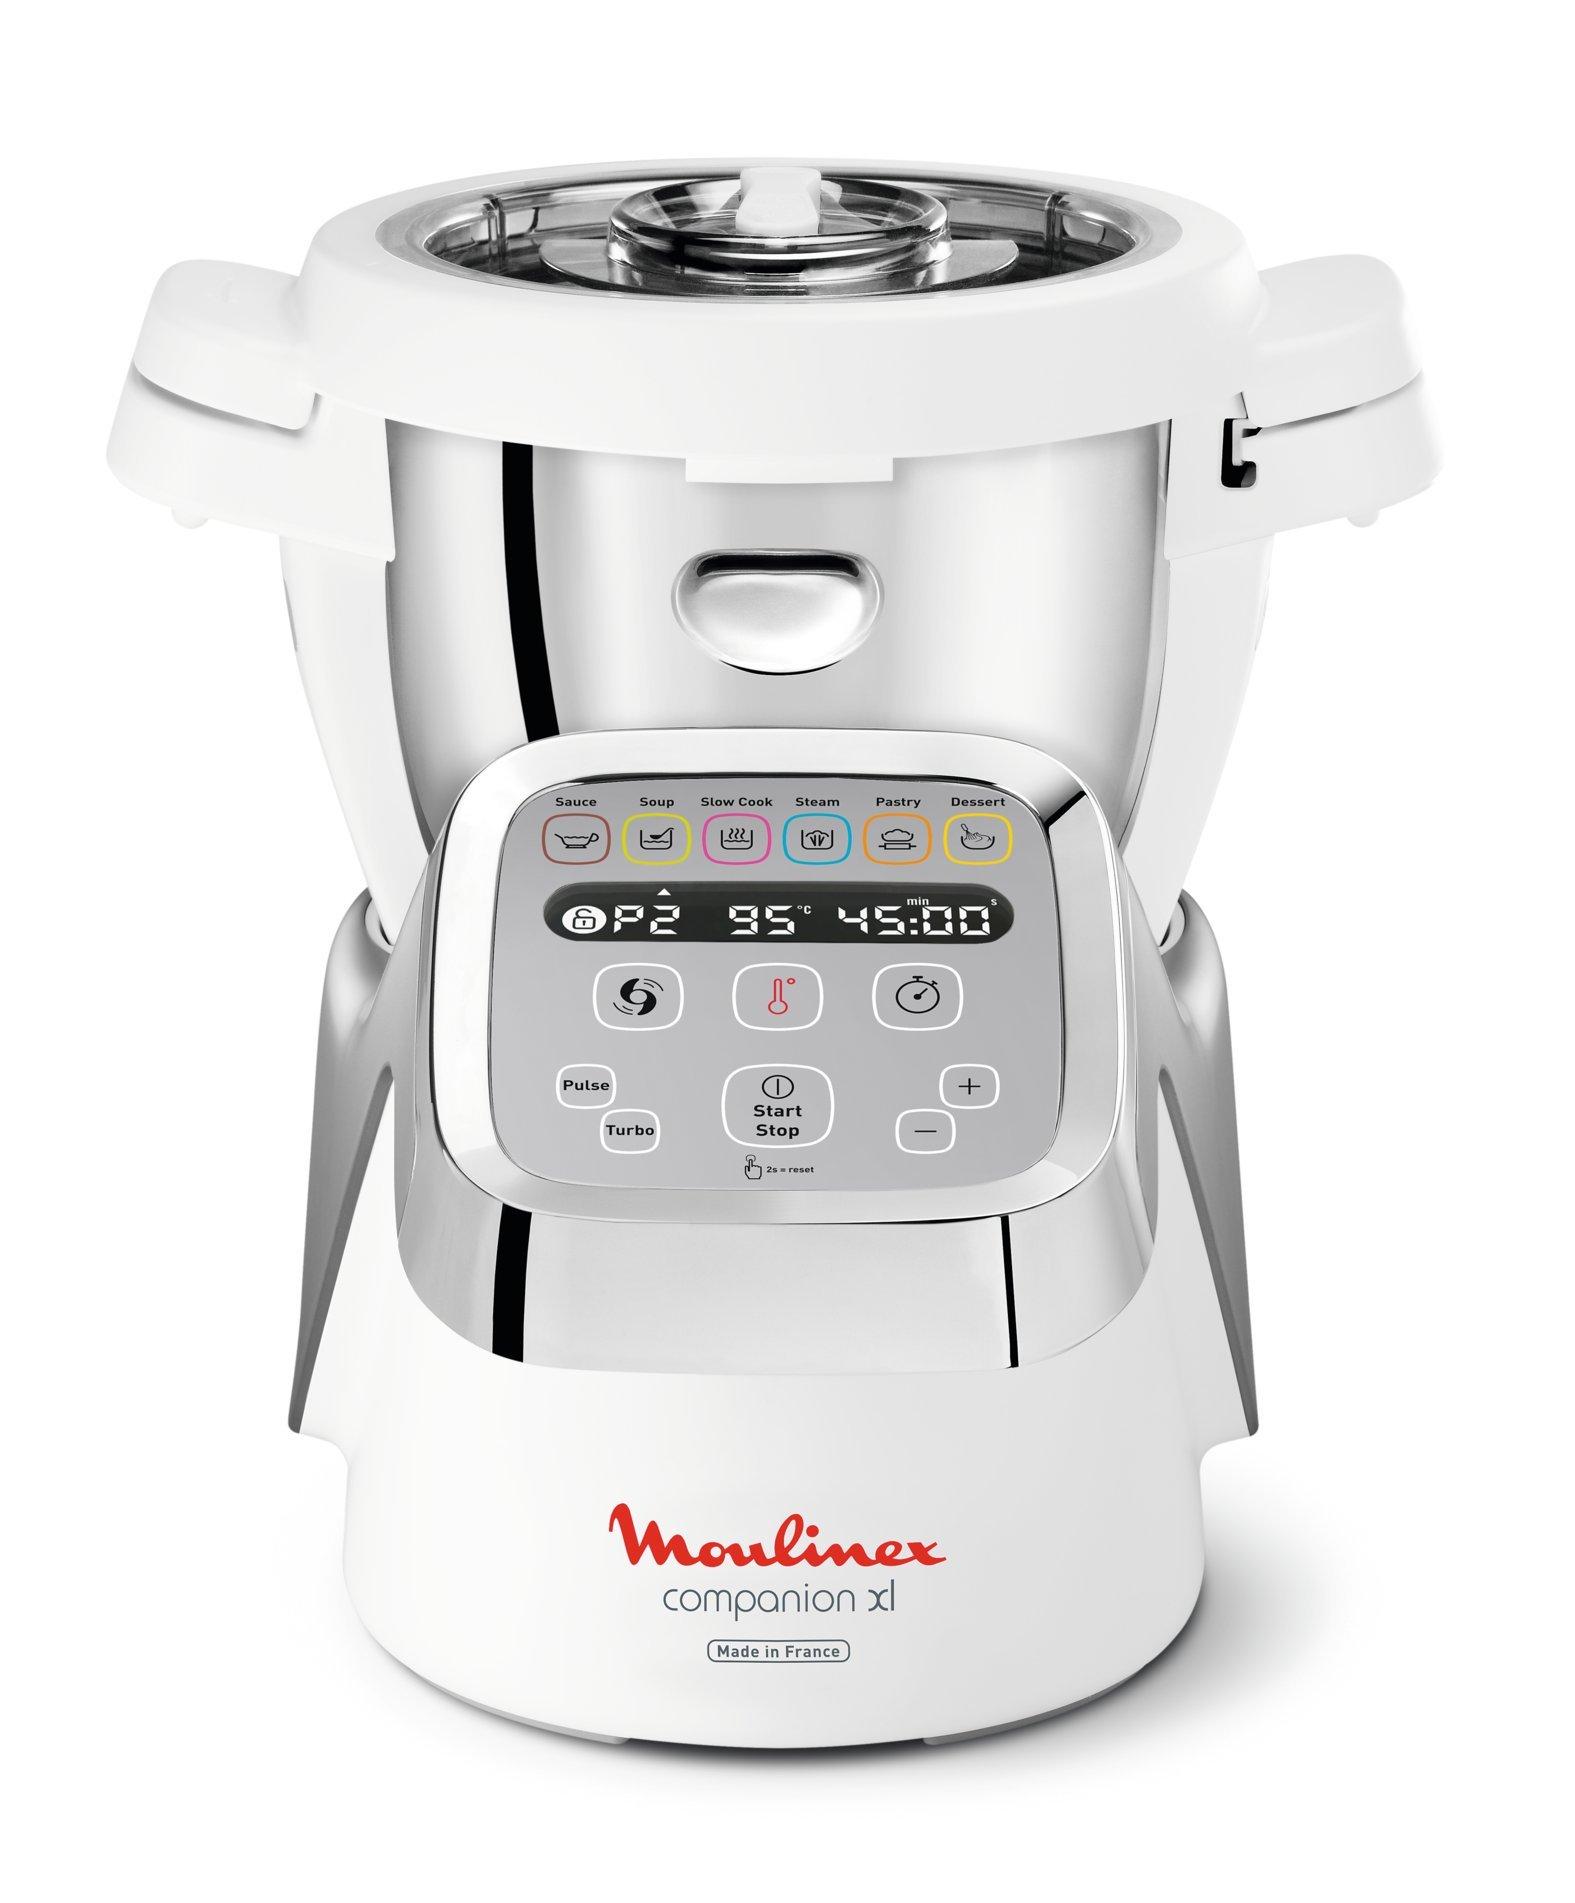 Moulinex - Robot de cocina multifunción Companion XL 32 x31 x35 cm gris: Amazon.es: Hogar